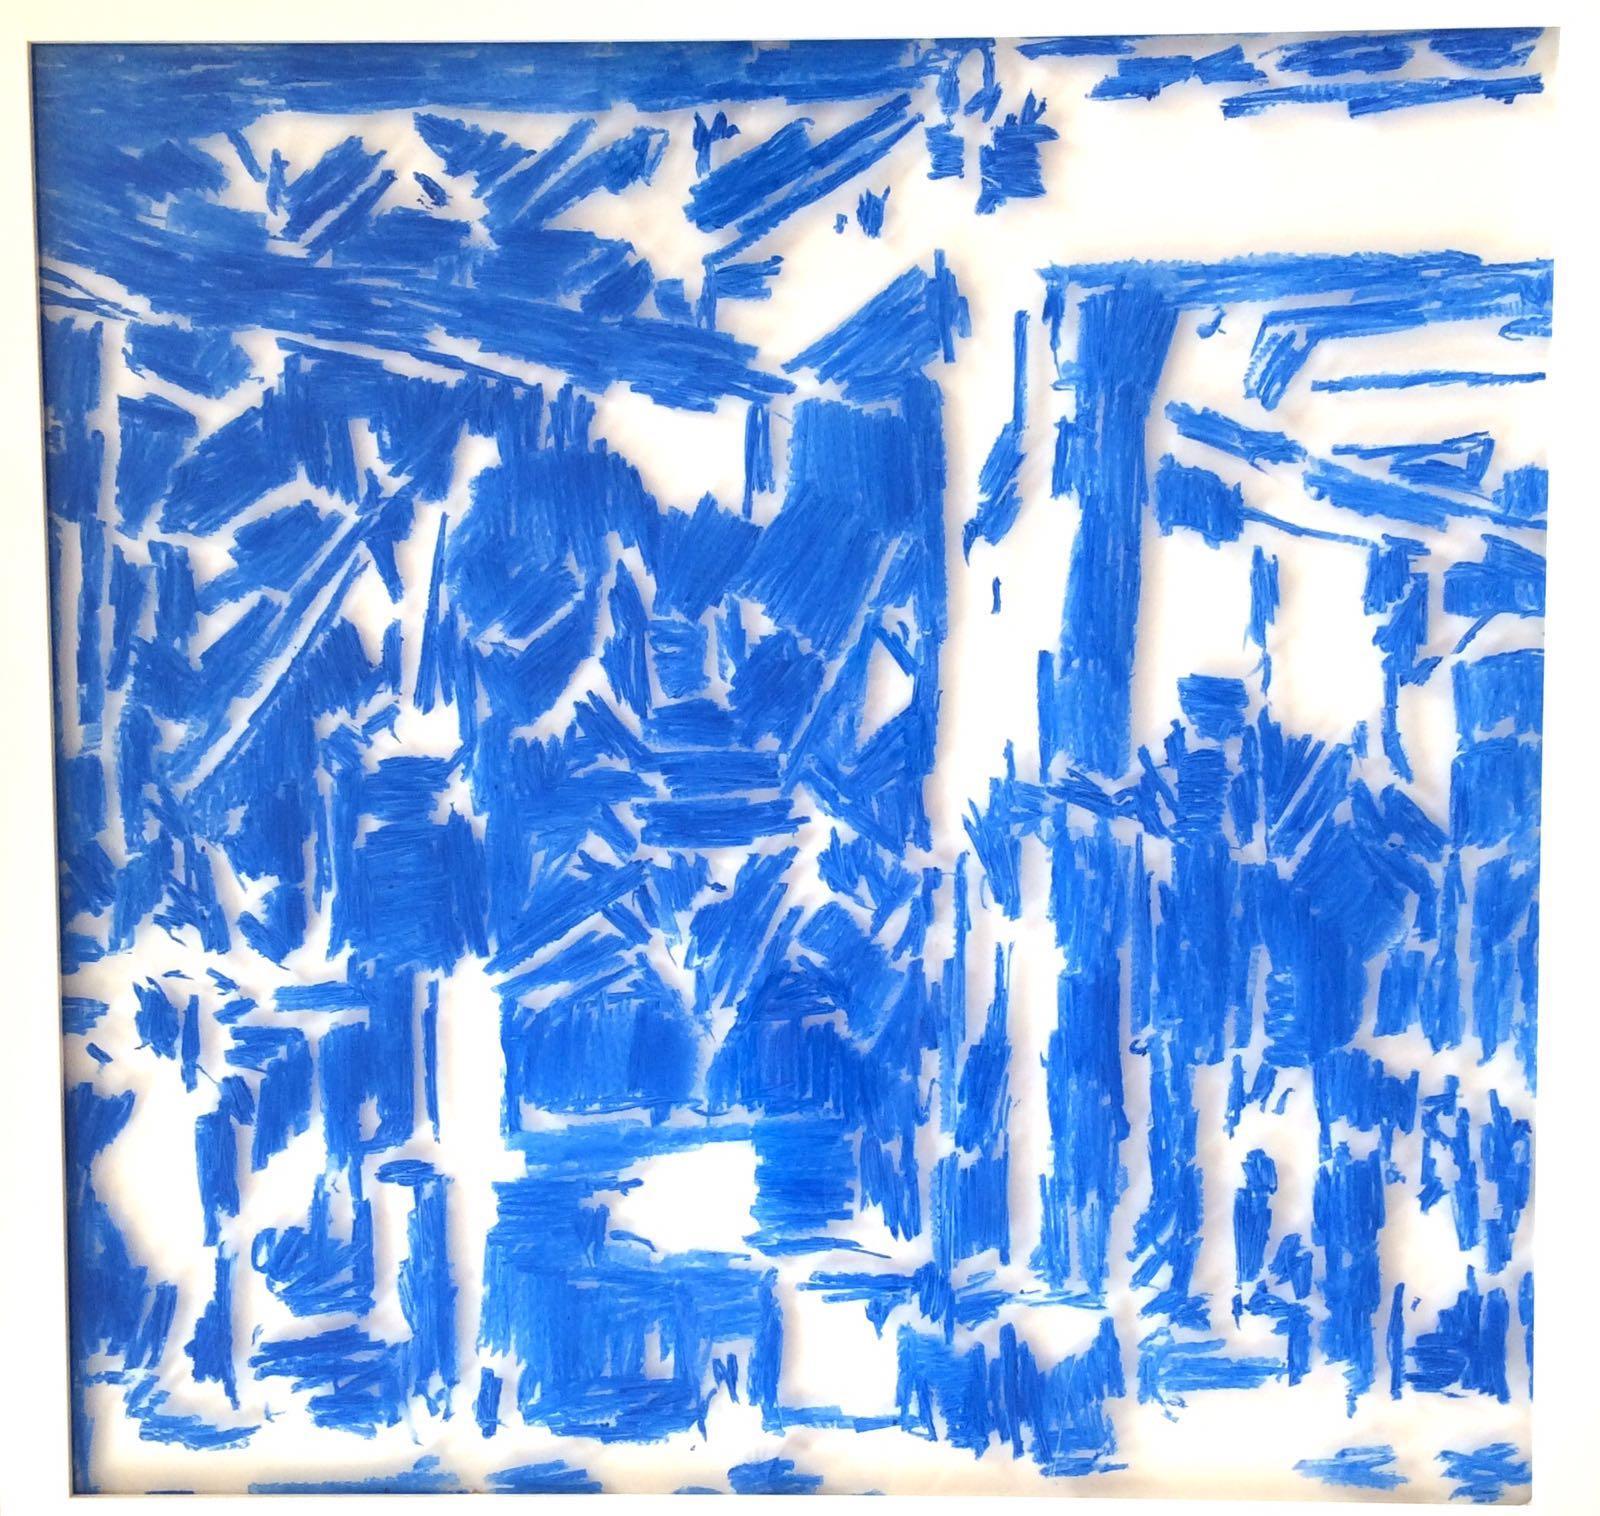 Delft Blue 203 #4 - 2016